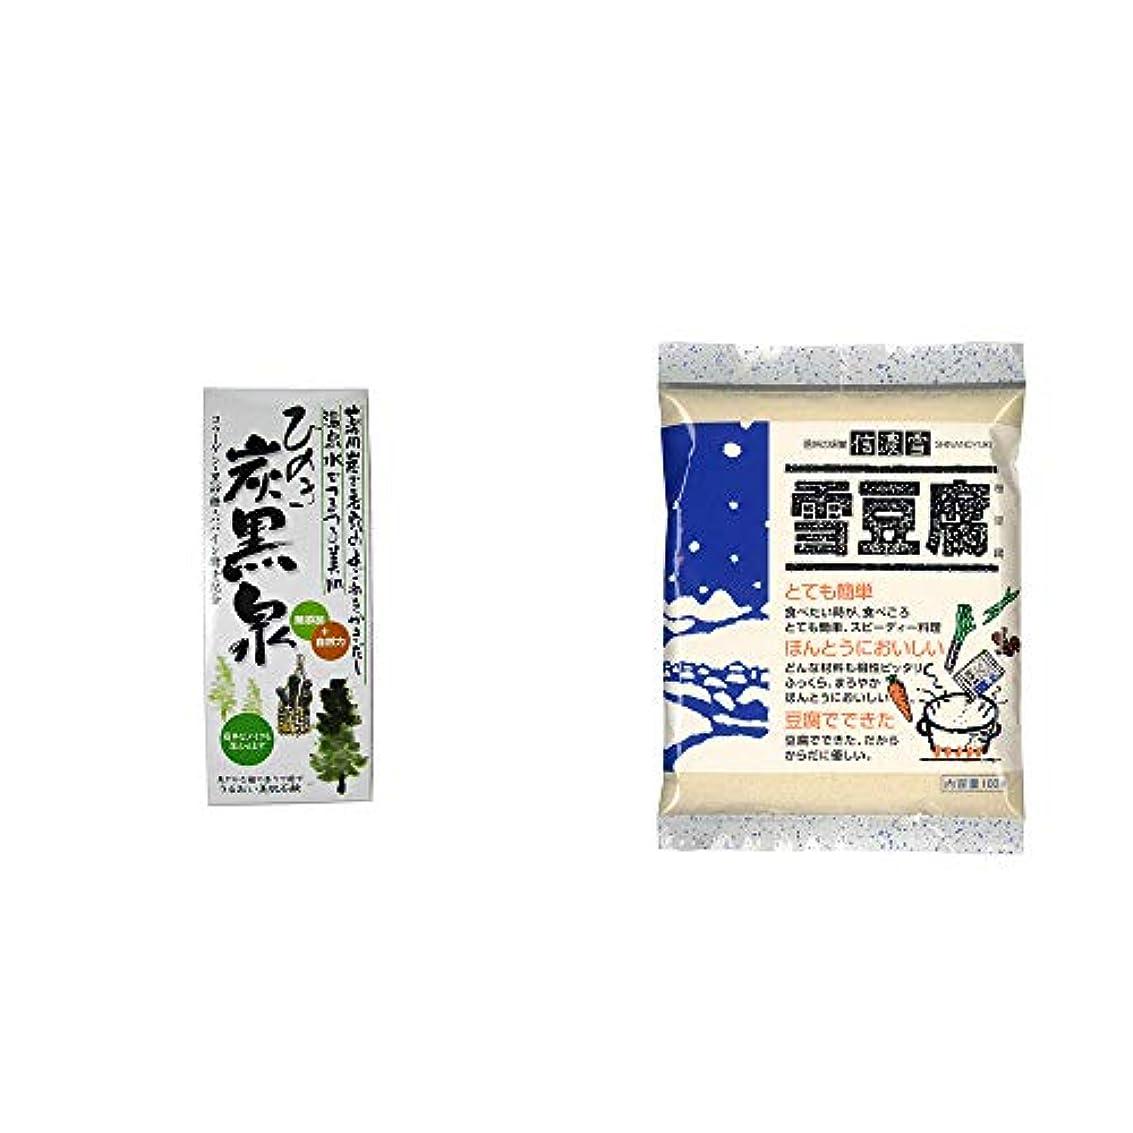 部主流提案する[2点セット] ひのき炭黒泉 箱入り(75g×3)・信濃雪 雪豆腐(粉豆腐)(100g)